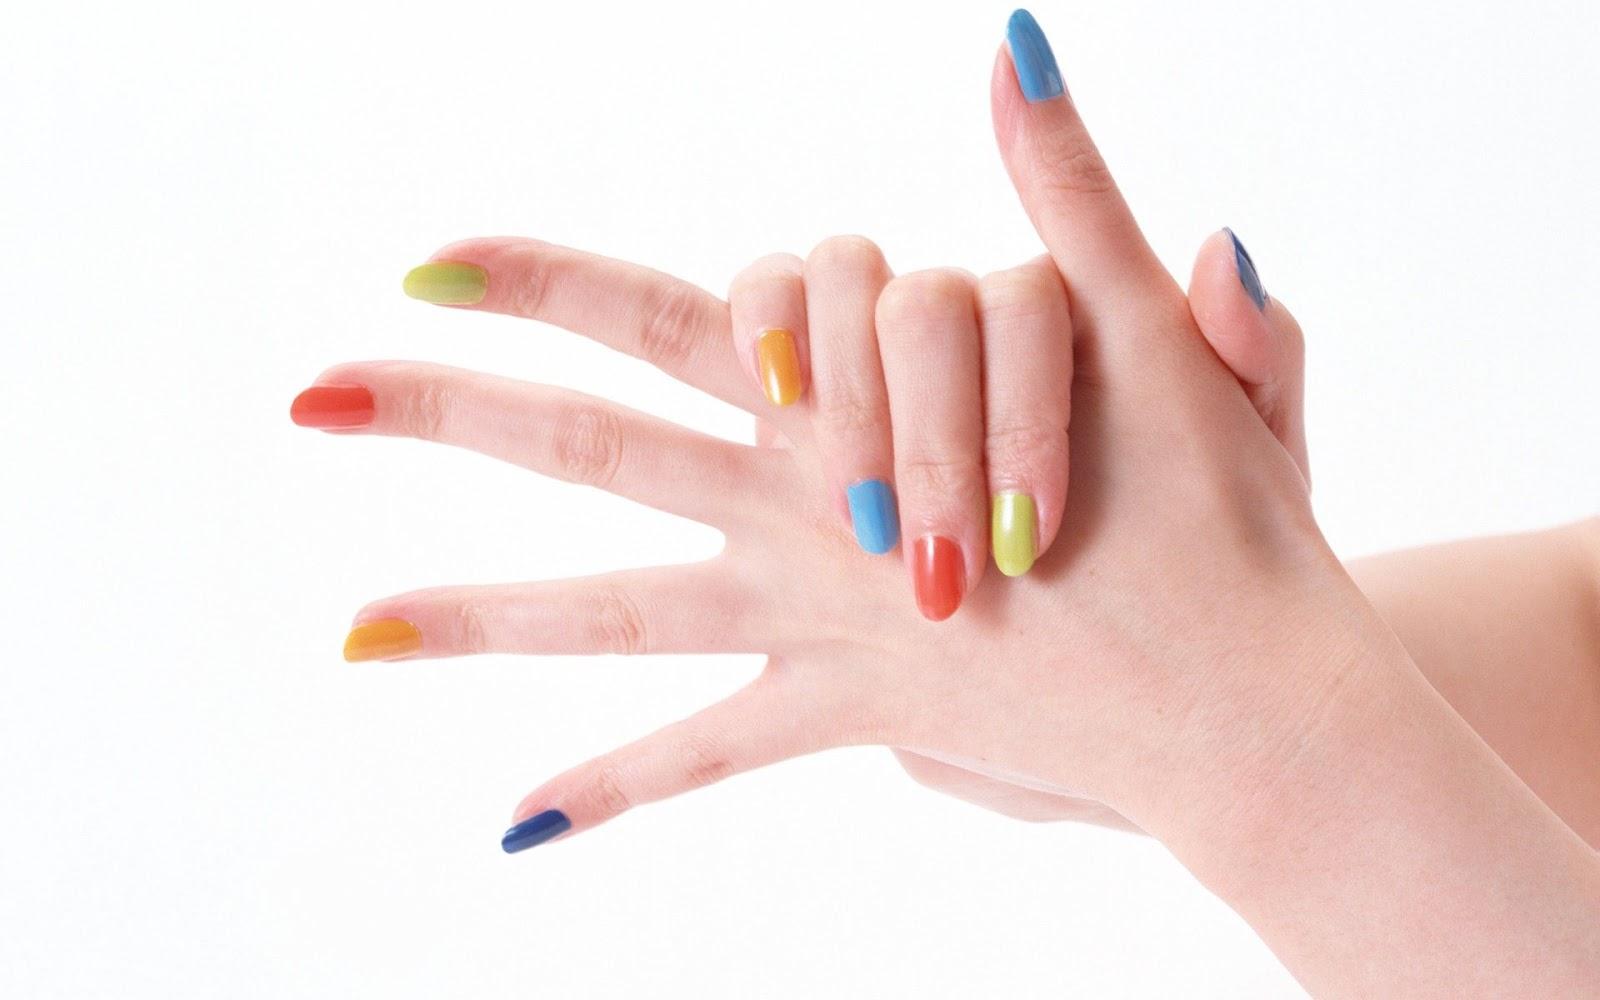 हस्तरेखा विज्ञानः तर्जनी उंगली की लंबाई से जानिए कुछ ख़ास बातें